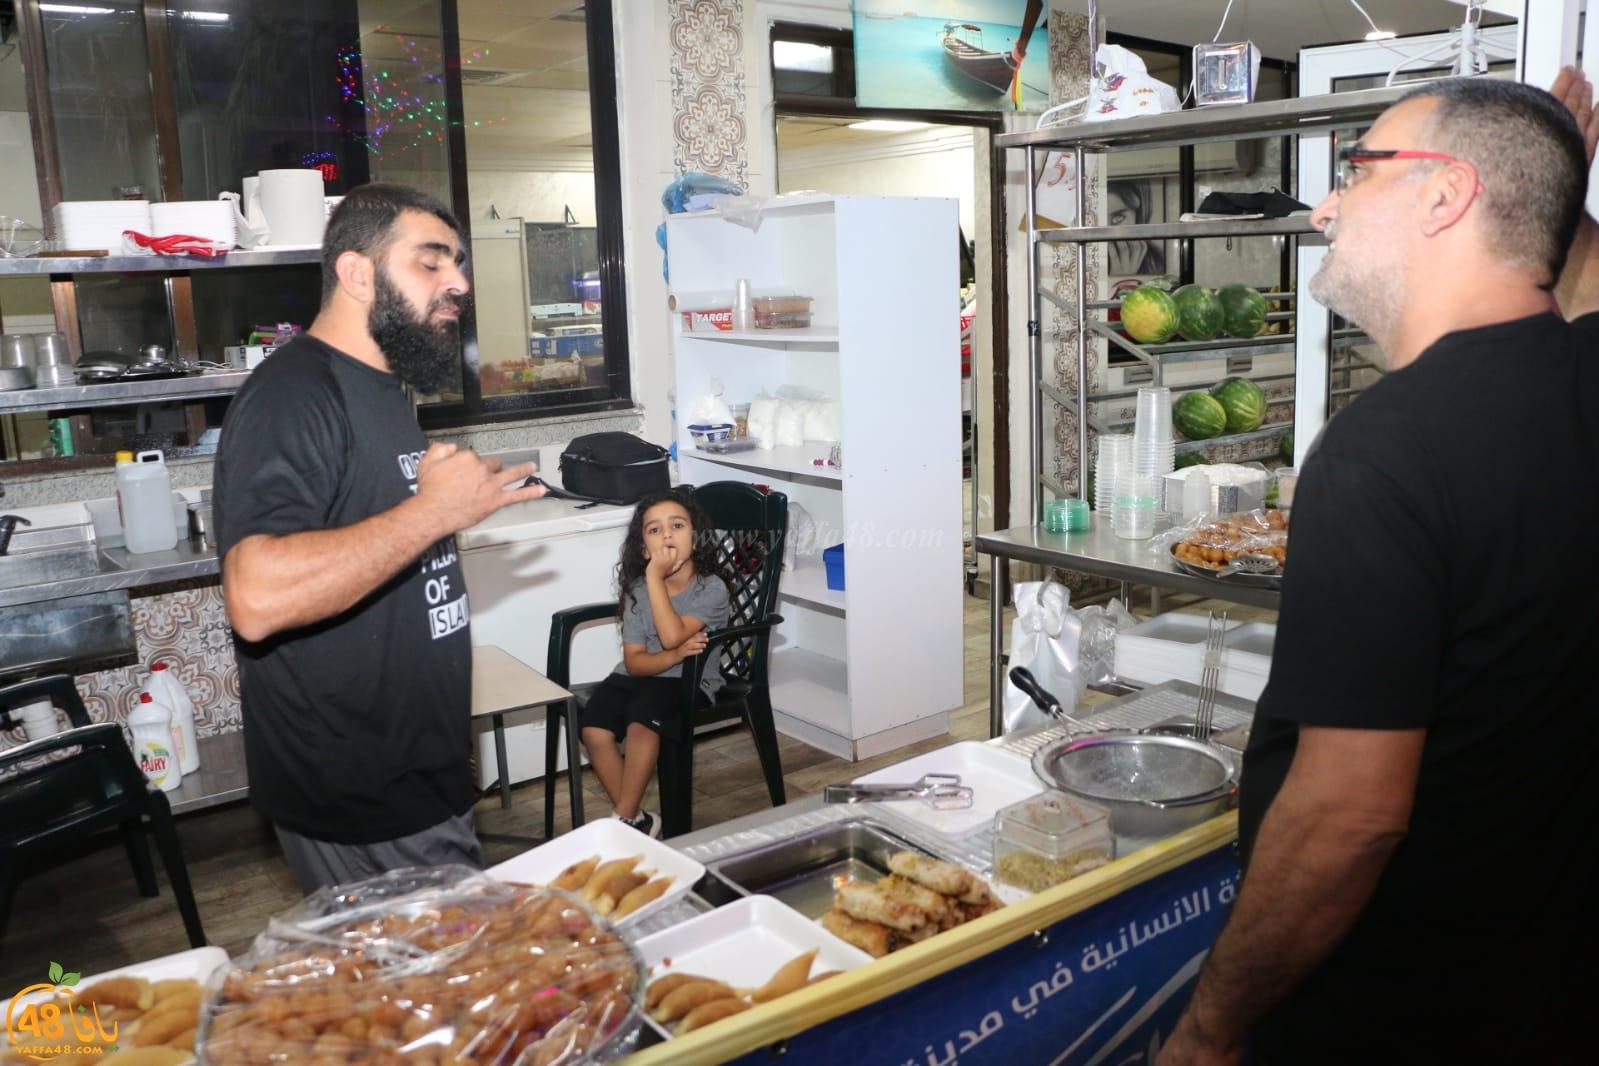 بانتظاركم بعد الافطار - أشهى القطايف الرمضانية لدى المعلم رمزي ابو دية